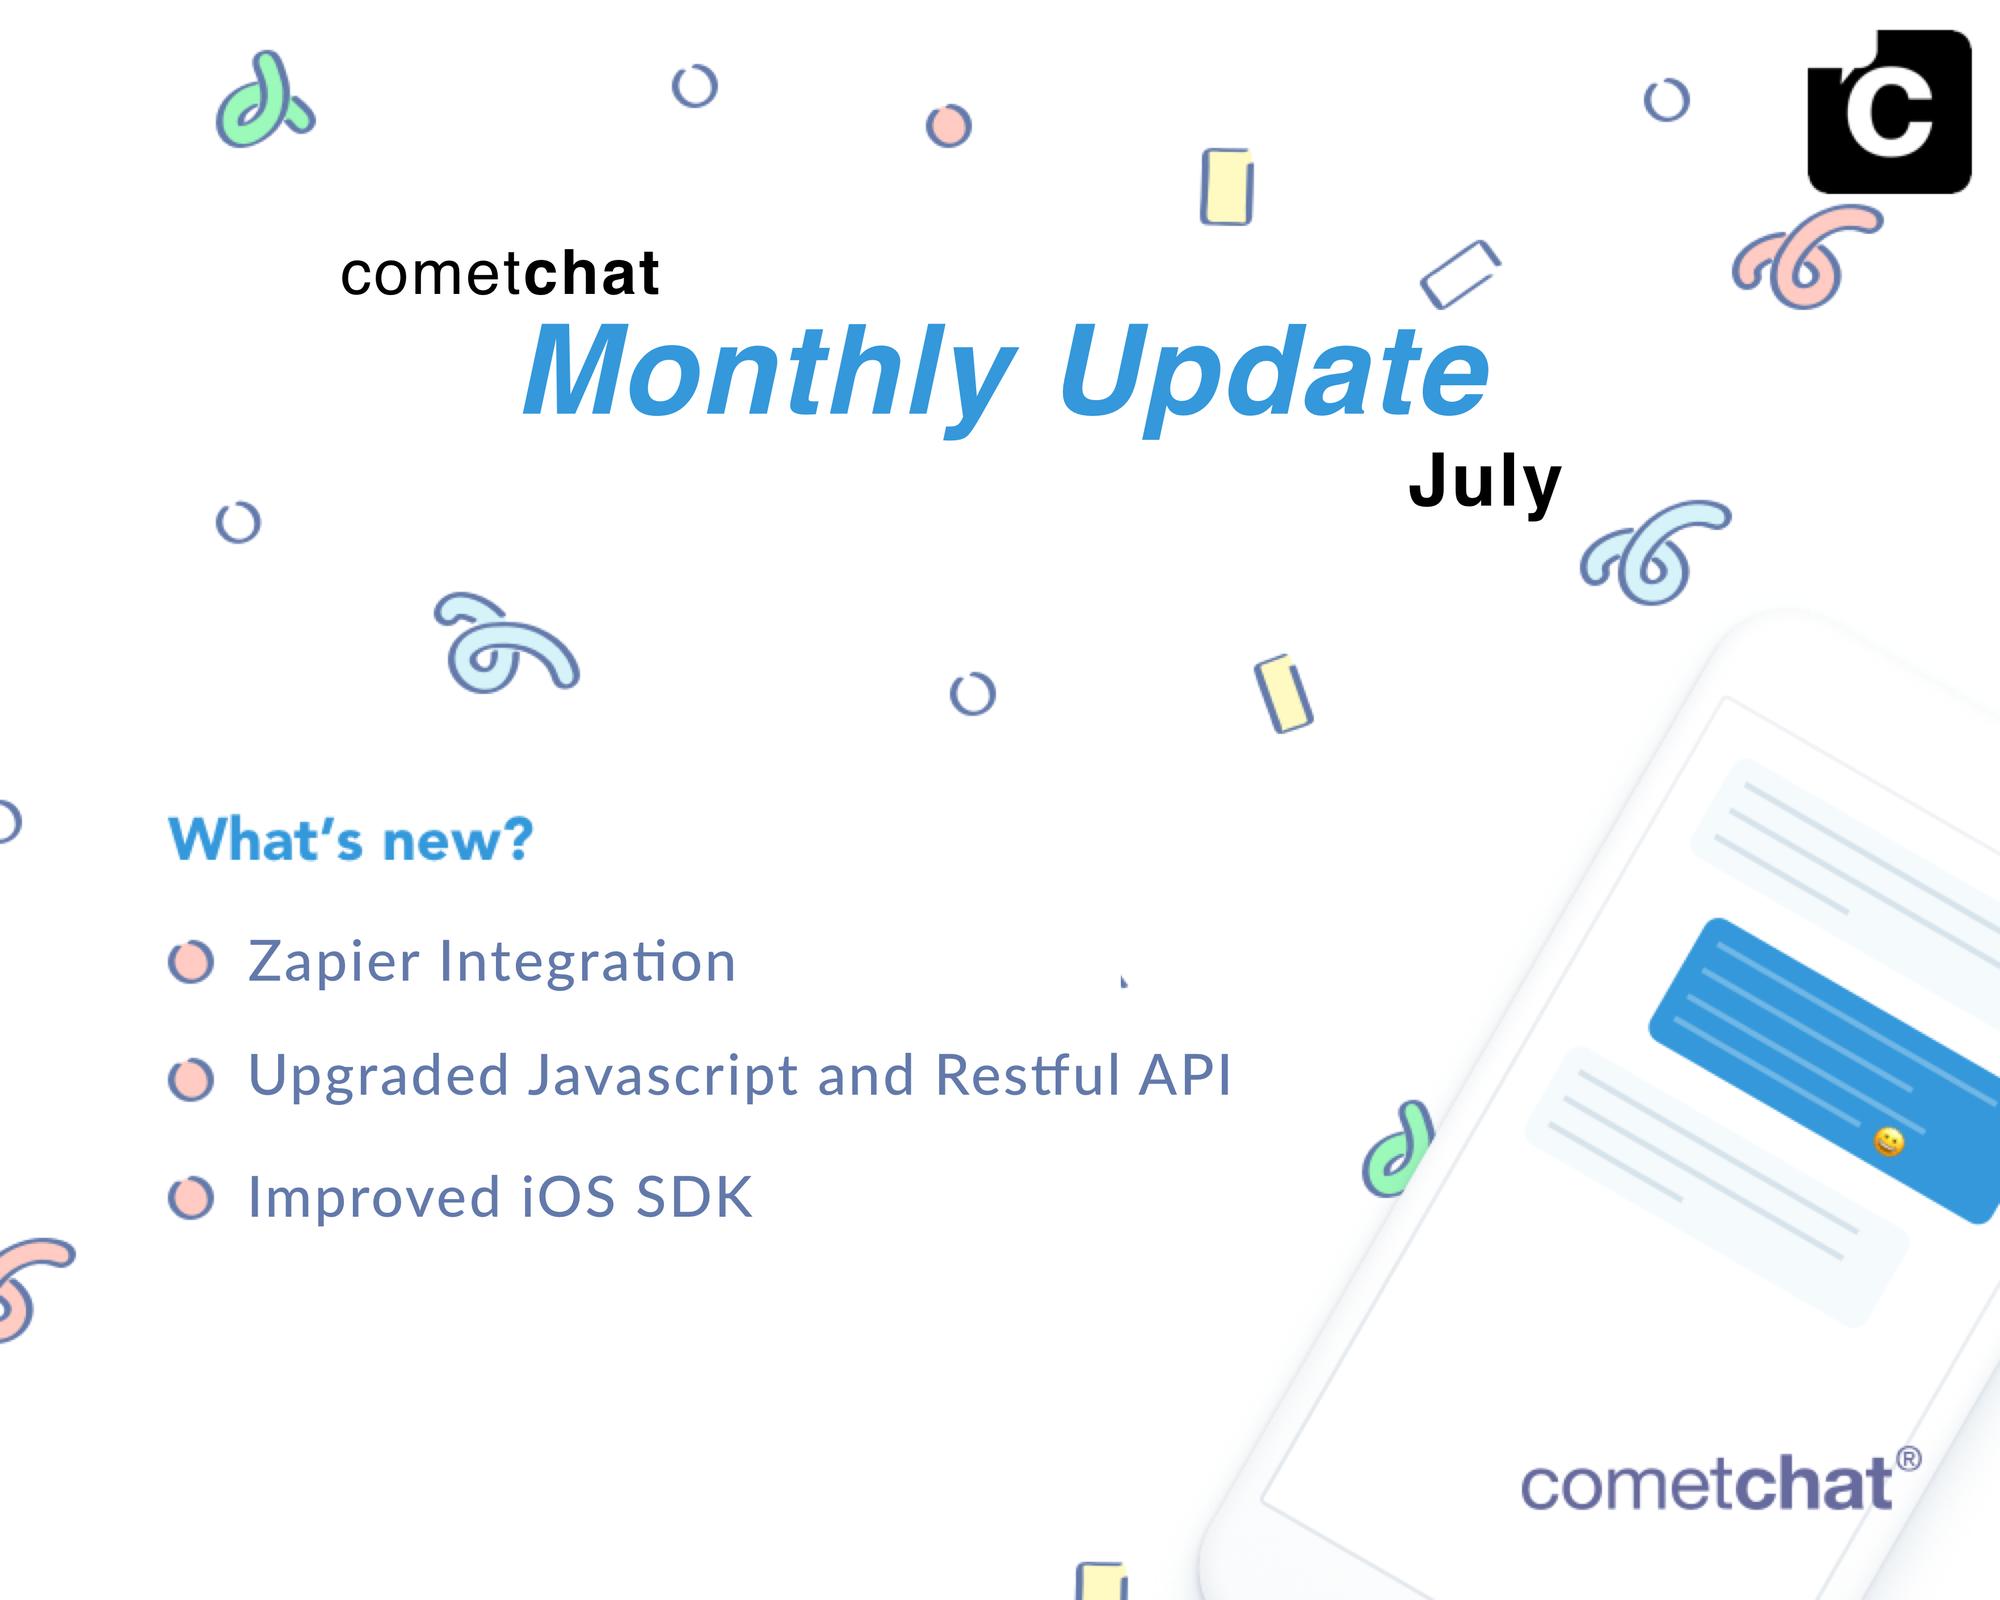 July Update: Zapier Integration, Improved SDKs & More